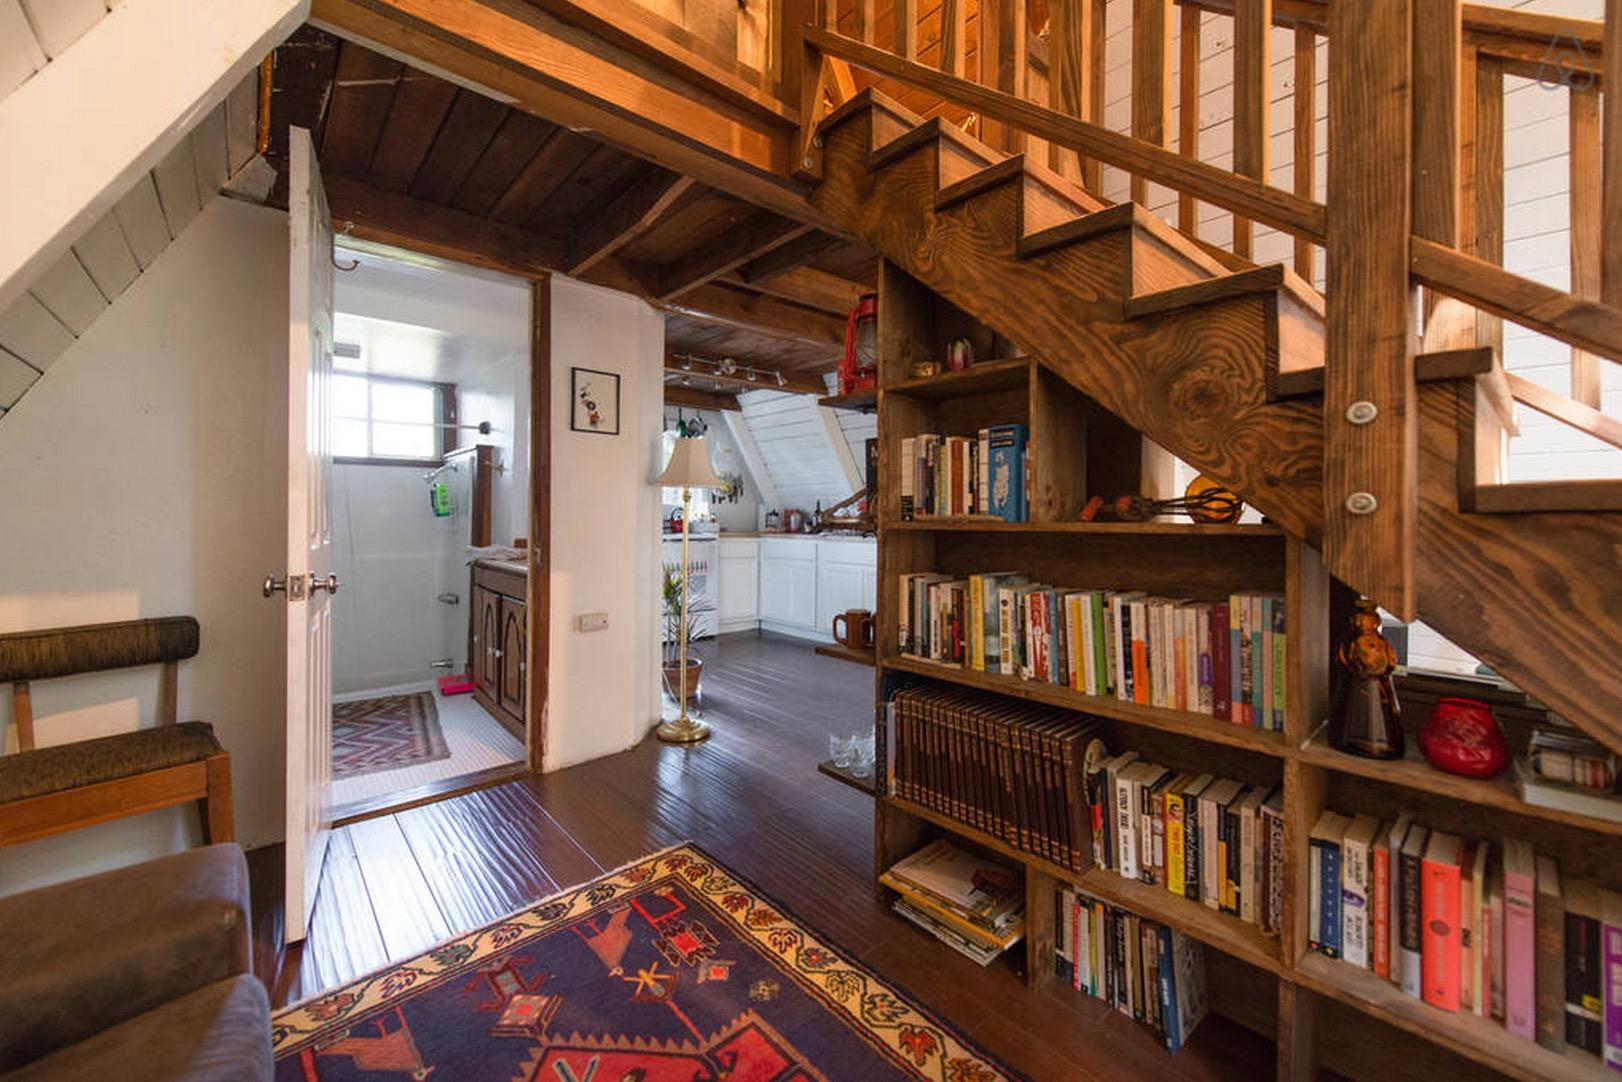 Cabin-Redwoods-Joli-Joli-Design-Cabine-08